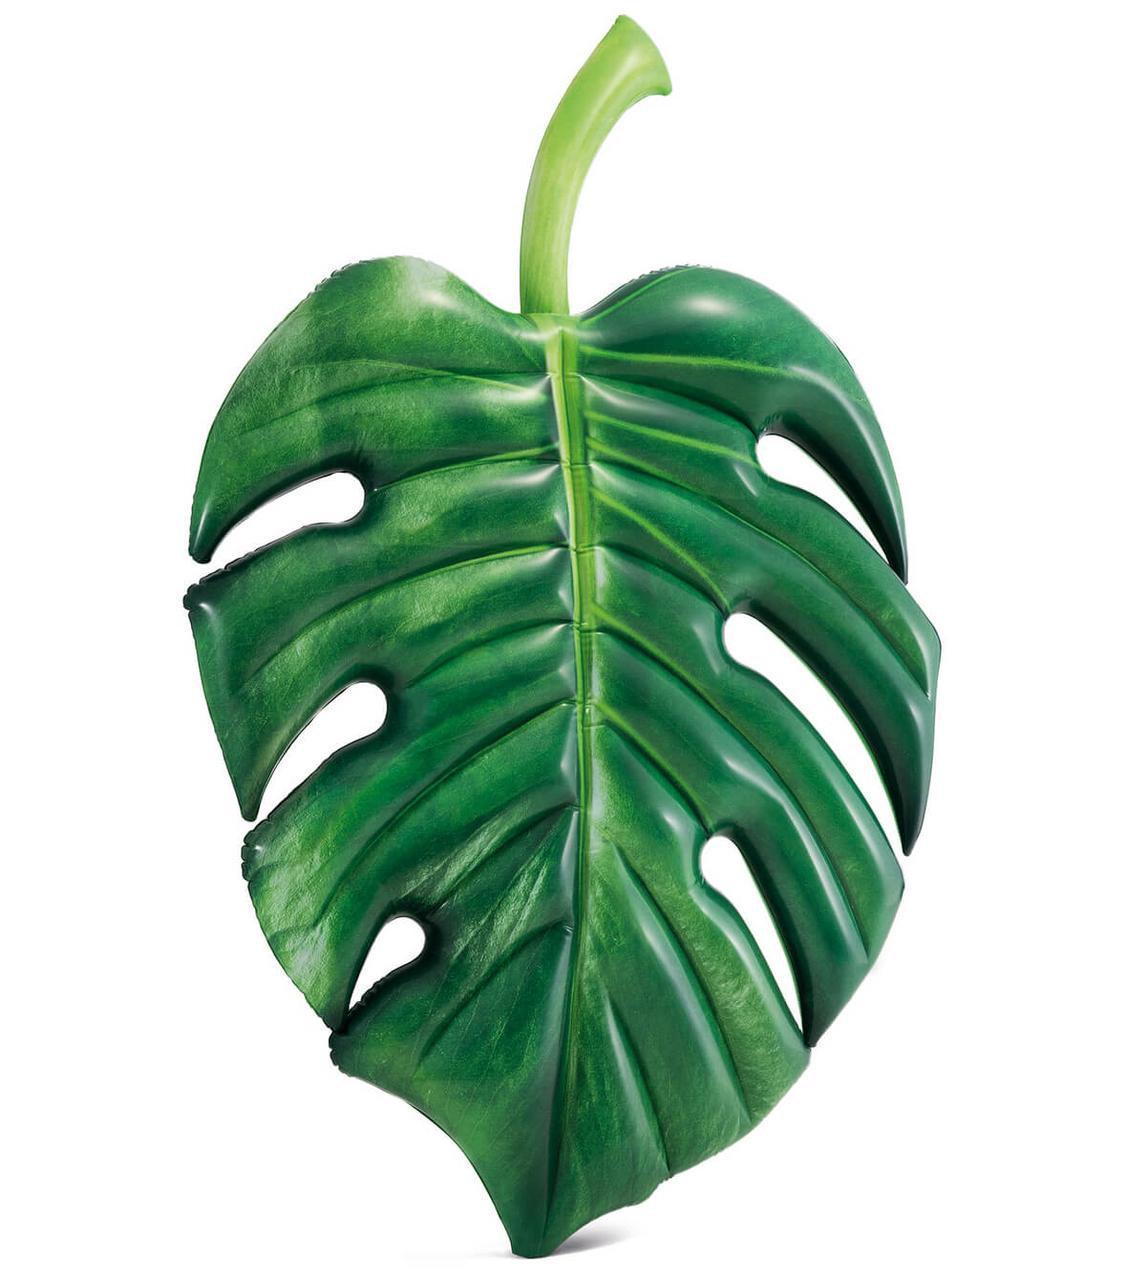 Надувной матрас Пальмовый лист Intex, 213х142 см.